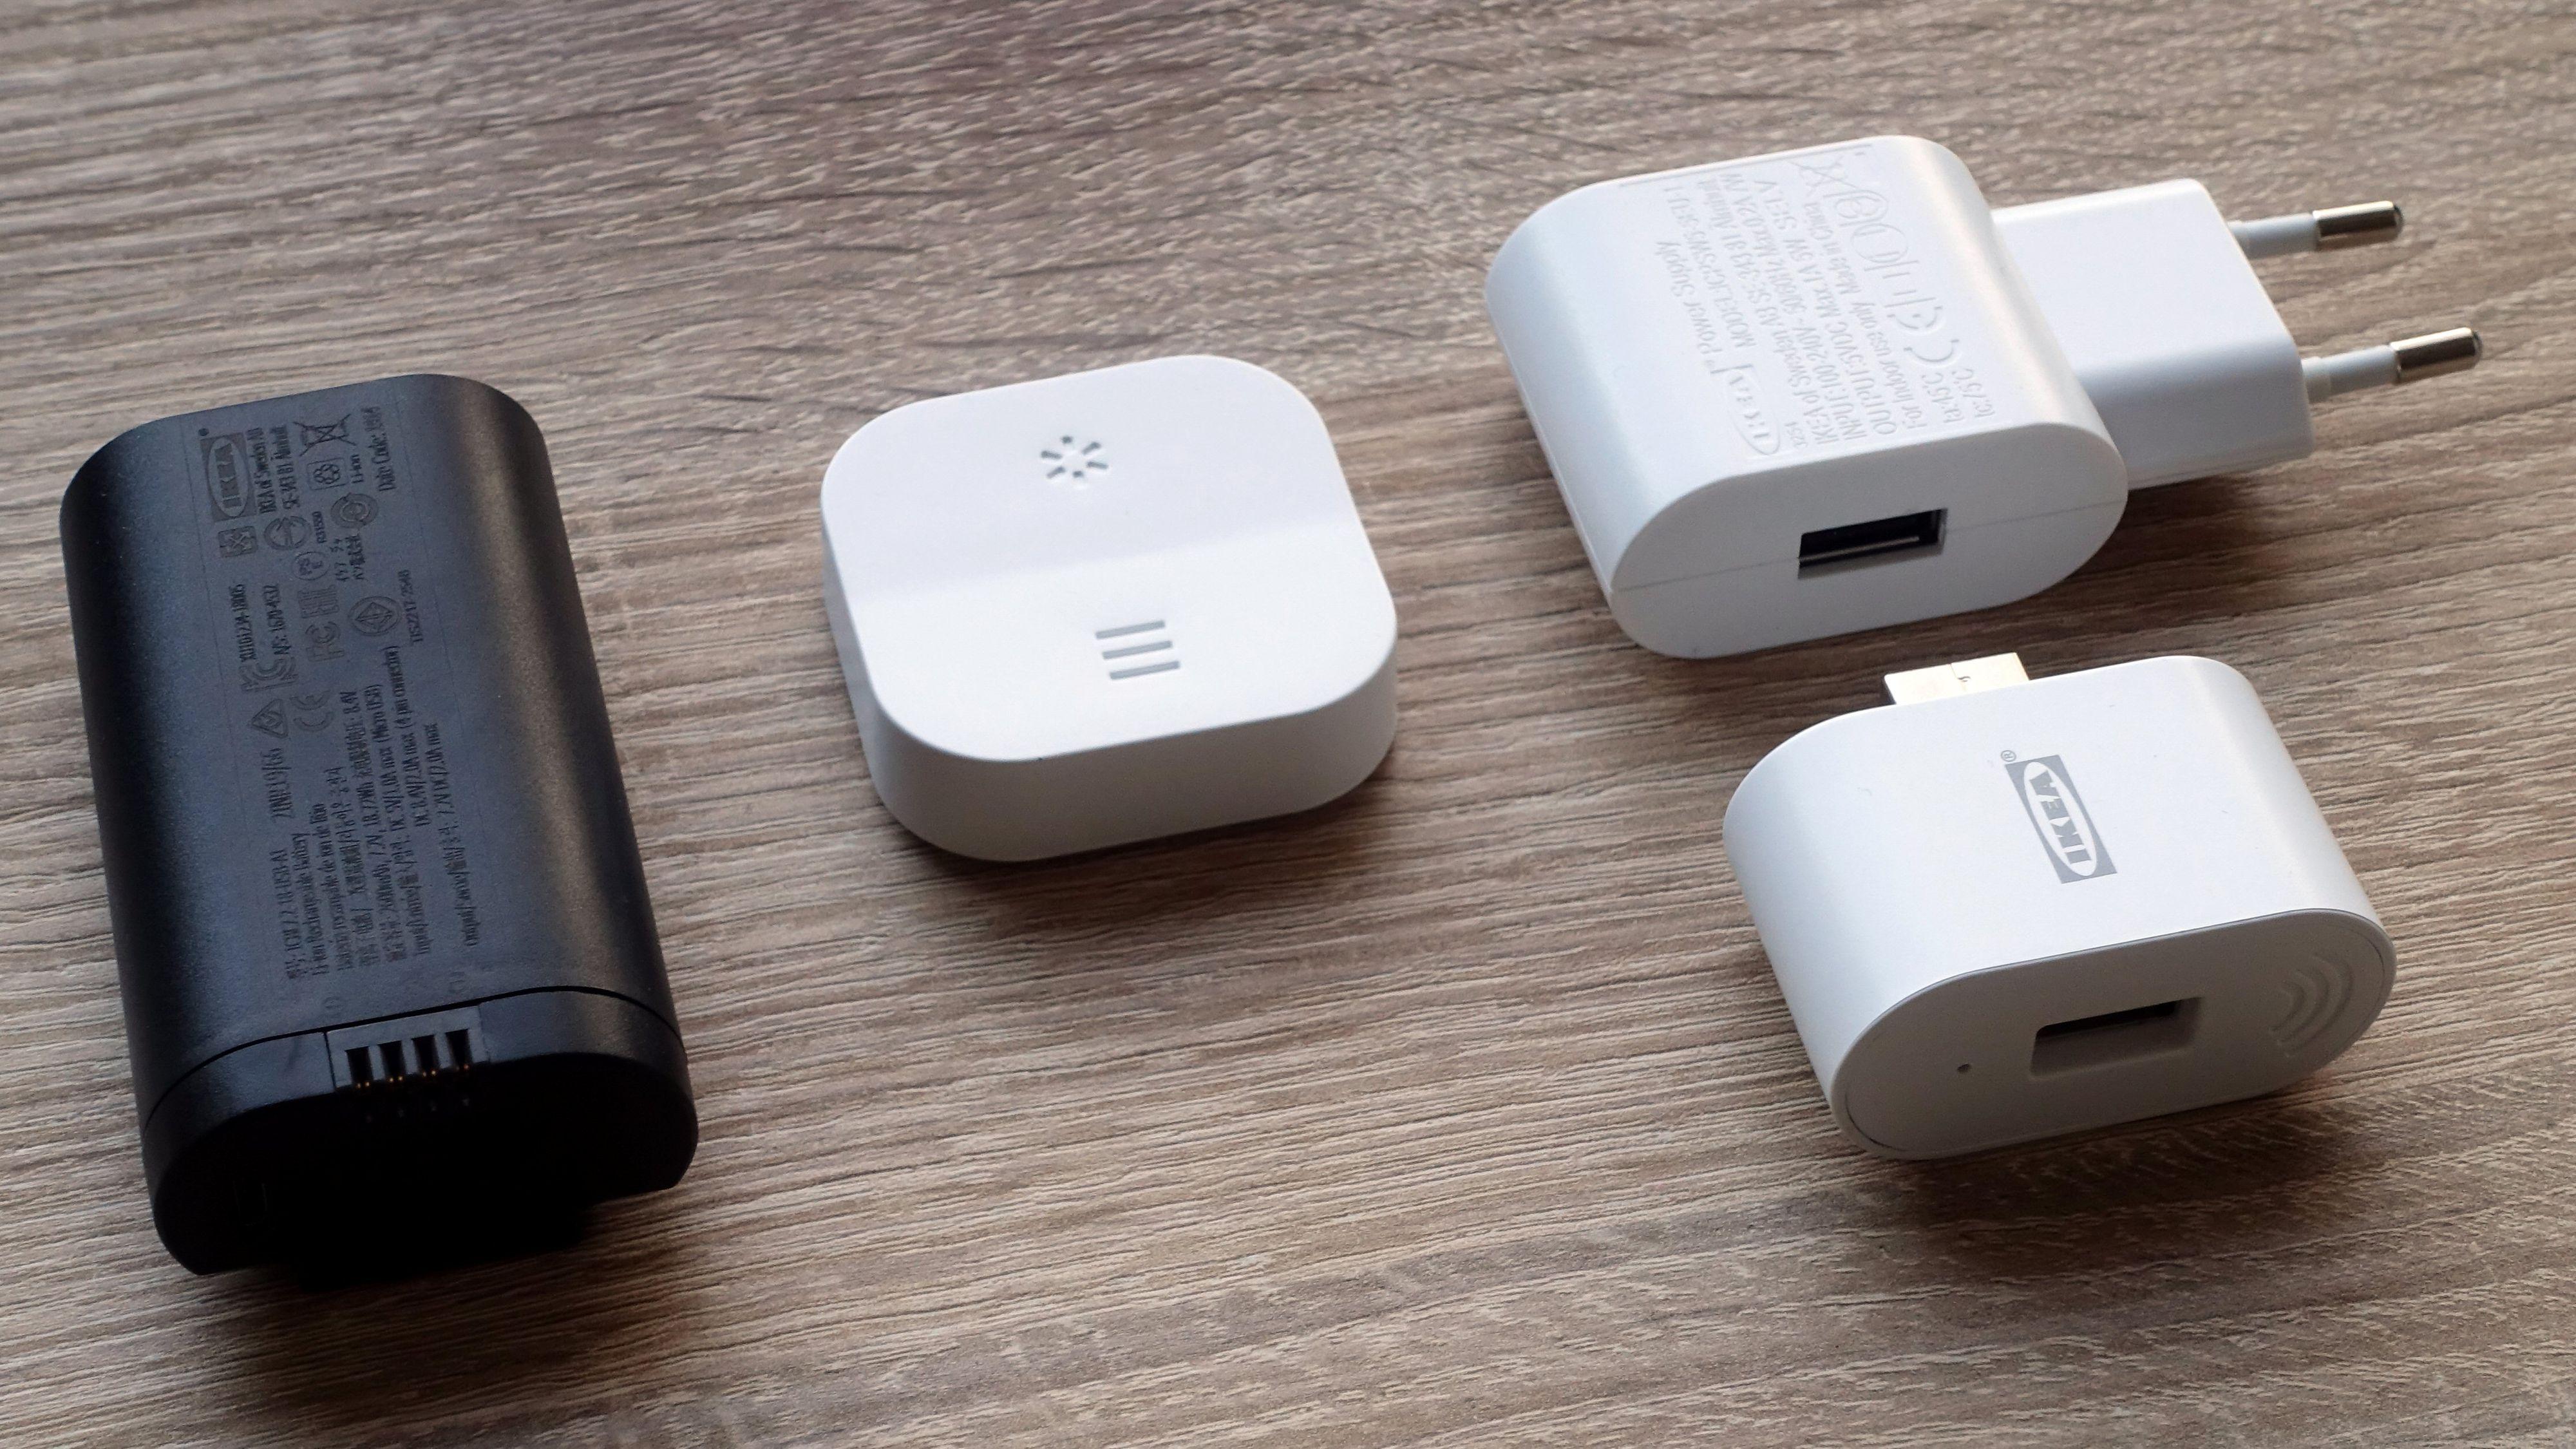 Batteri, fjernkontroll og signalforsterker følger med i pakka. Signalforsterkeren kan også brukes til å lade batteriet. USB-kabel følger også med, men er ikke avbildet.